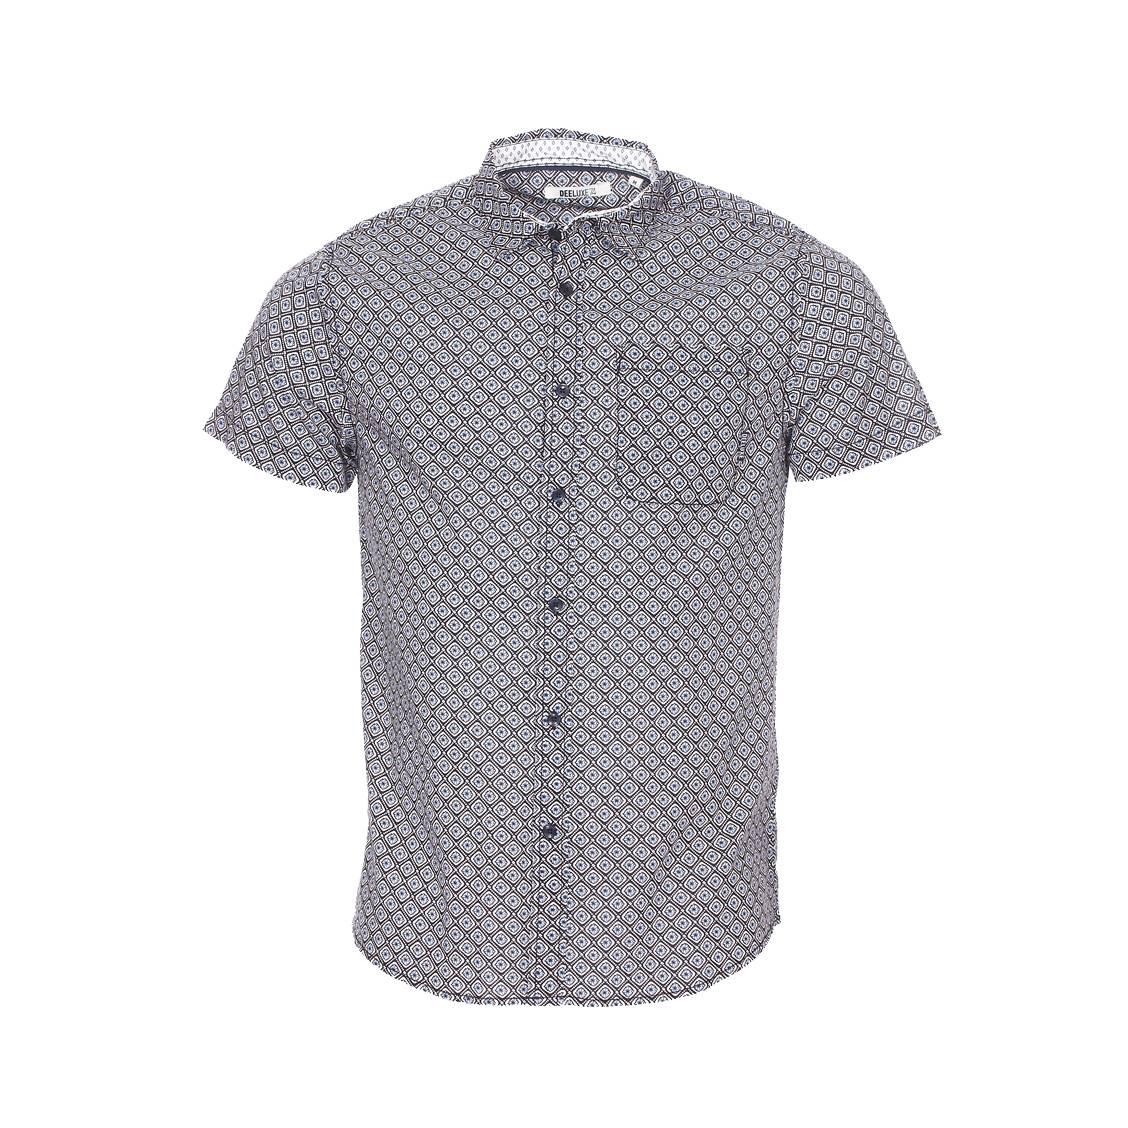 Chemise ajustée manches courtes Deeluxe Est. 74 Carillo en coton léger noir à motifs blancs et bleu ciel